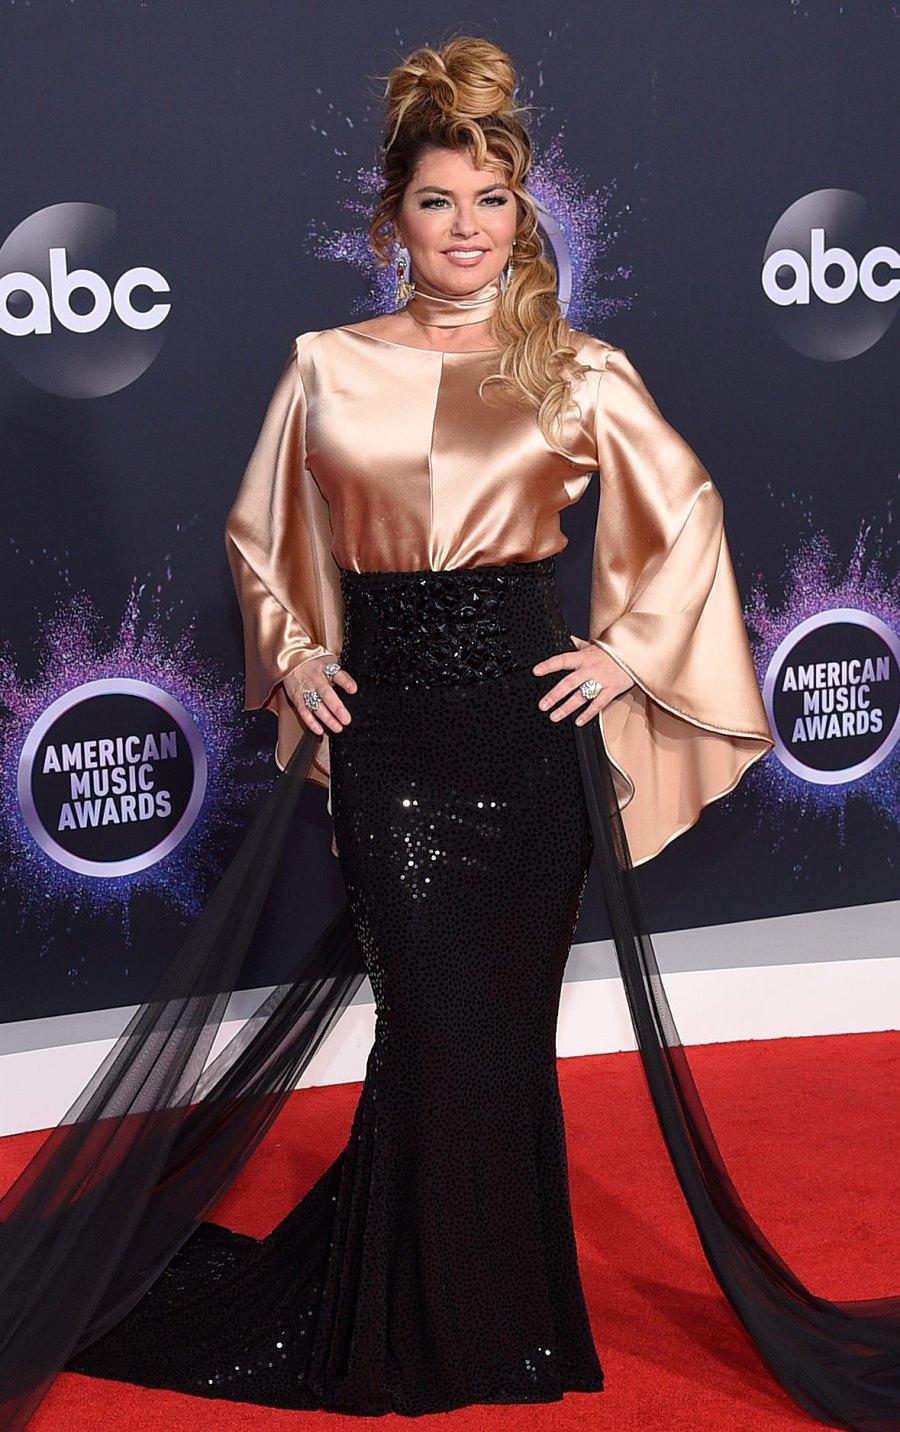 AMAs 2019 - Shania Twain